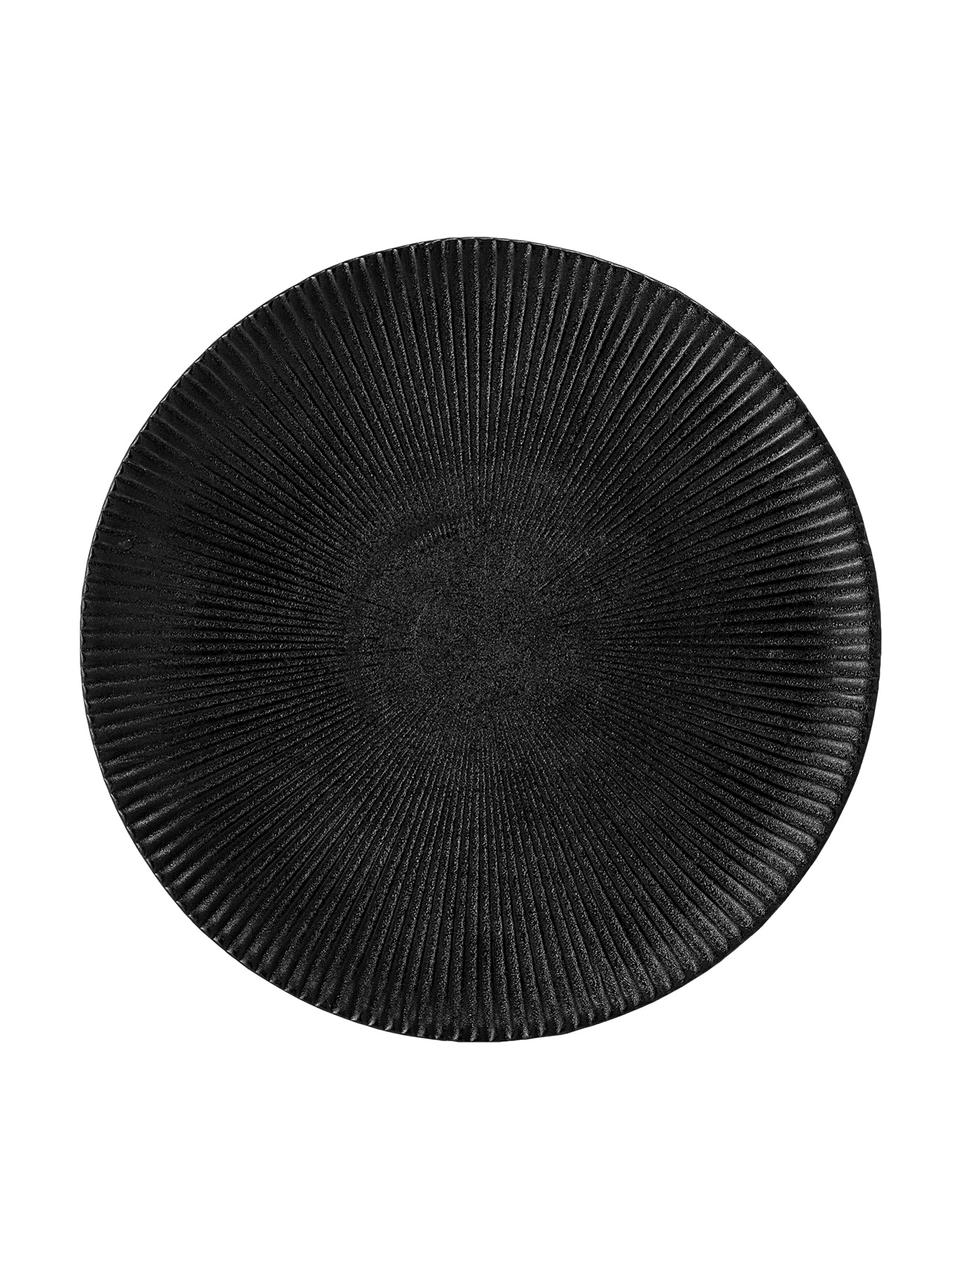 Frühstücksteller Neri mit Rillenstruktur in Schwarz matt, 2 Stück, Steingut Mit Rillenstruktur und leicht rauer Oberfläche, Schwarz, Ø 23 cm